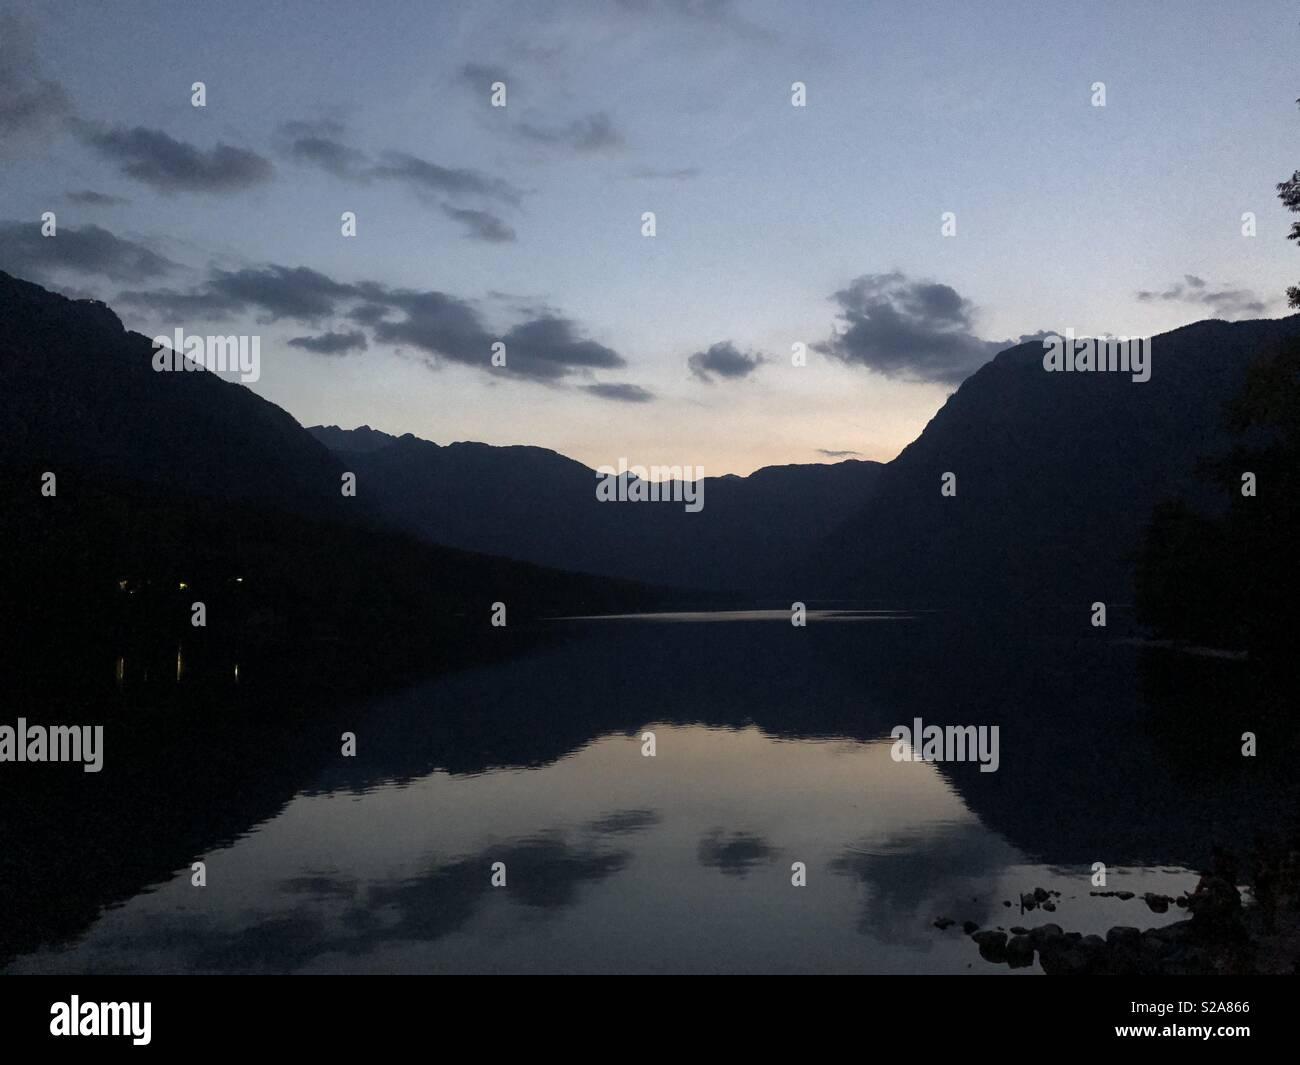 Lake by night - Stock Image